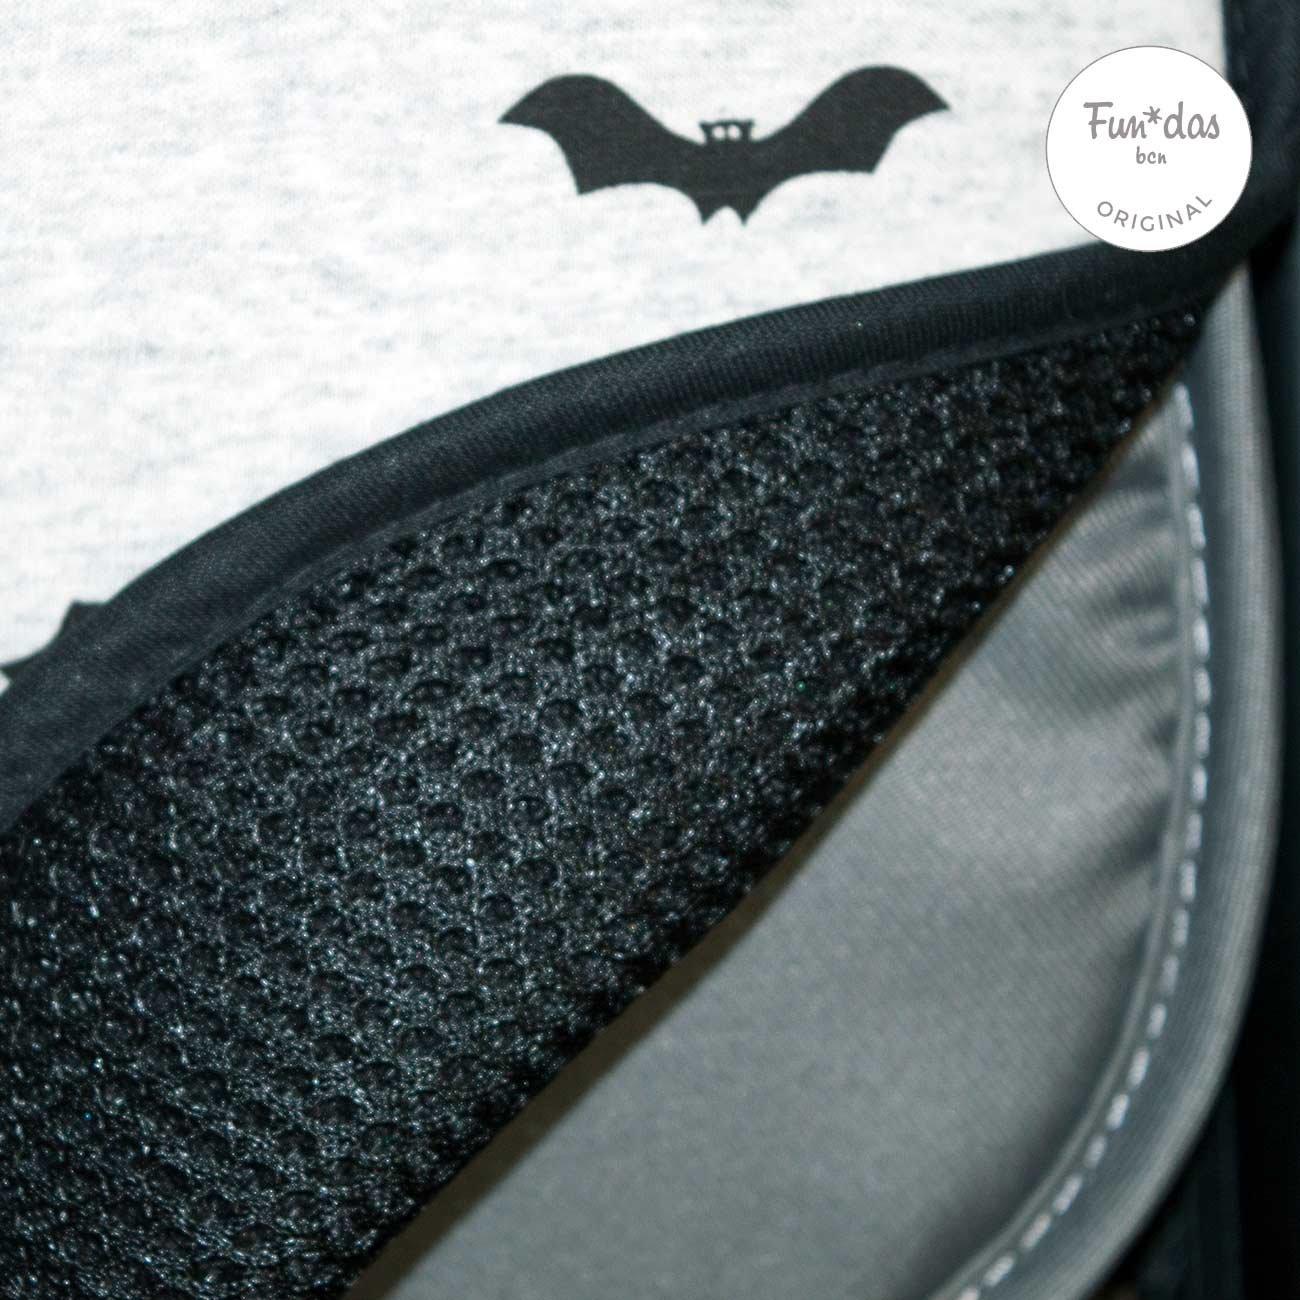 Fundas BCN ® - F160/9099 - Colchoneta Para Silla de Paseo BabyJogger ® Citymini Zip ® - Baby Bat